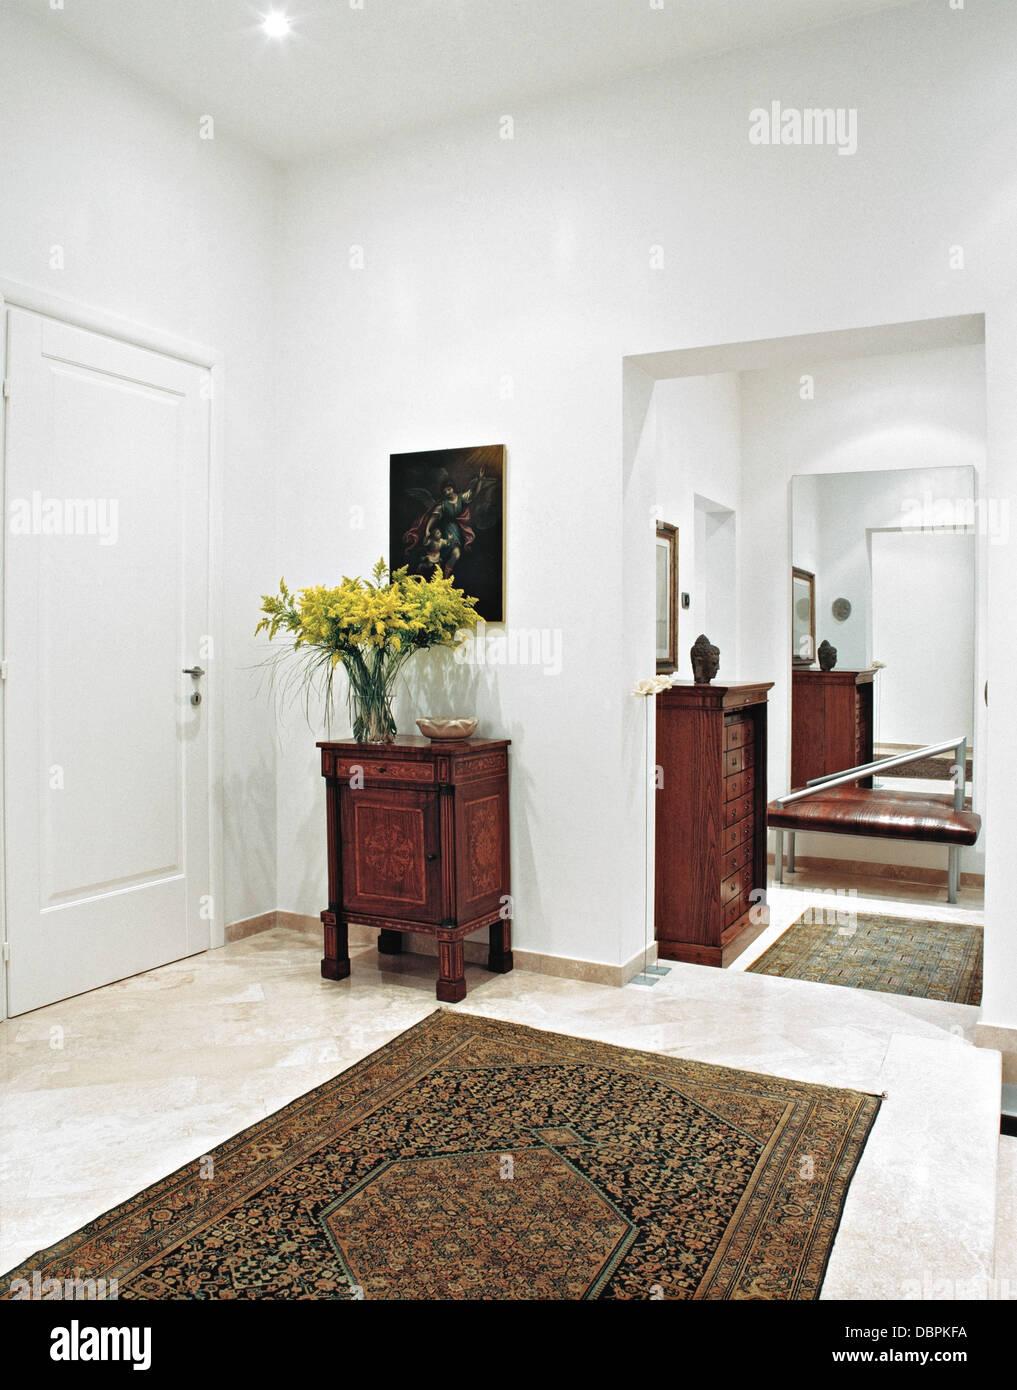 Mobili antichi con un grande specchio e tappeti antichi in ingresso moderno foto immagine - Mobili in specchio ...